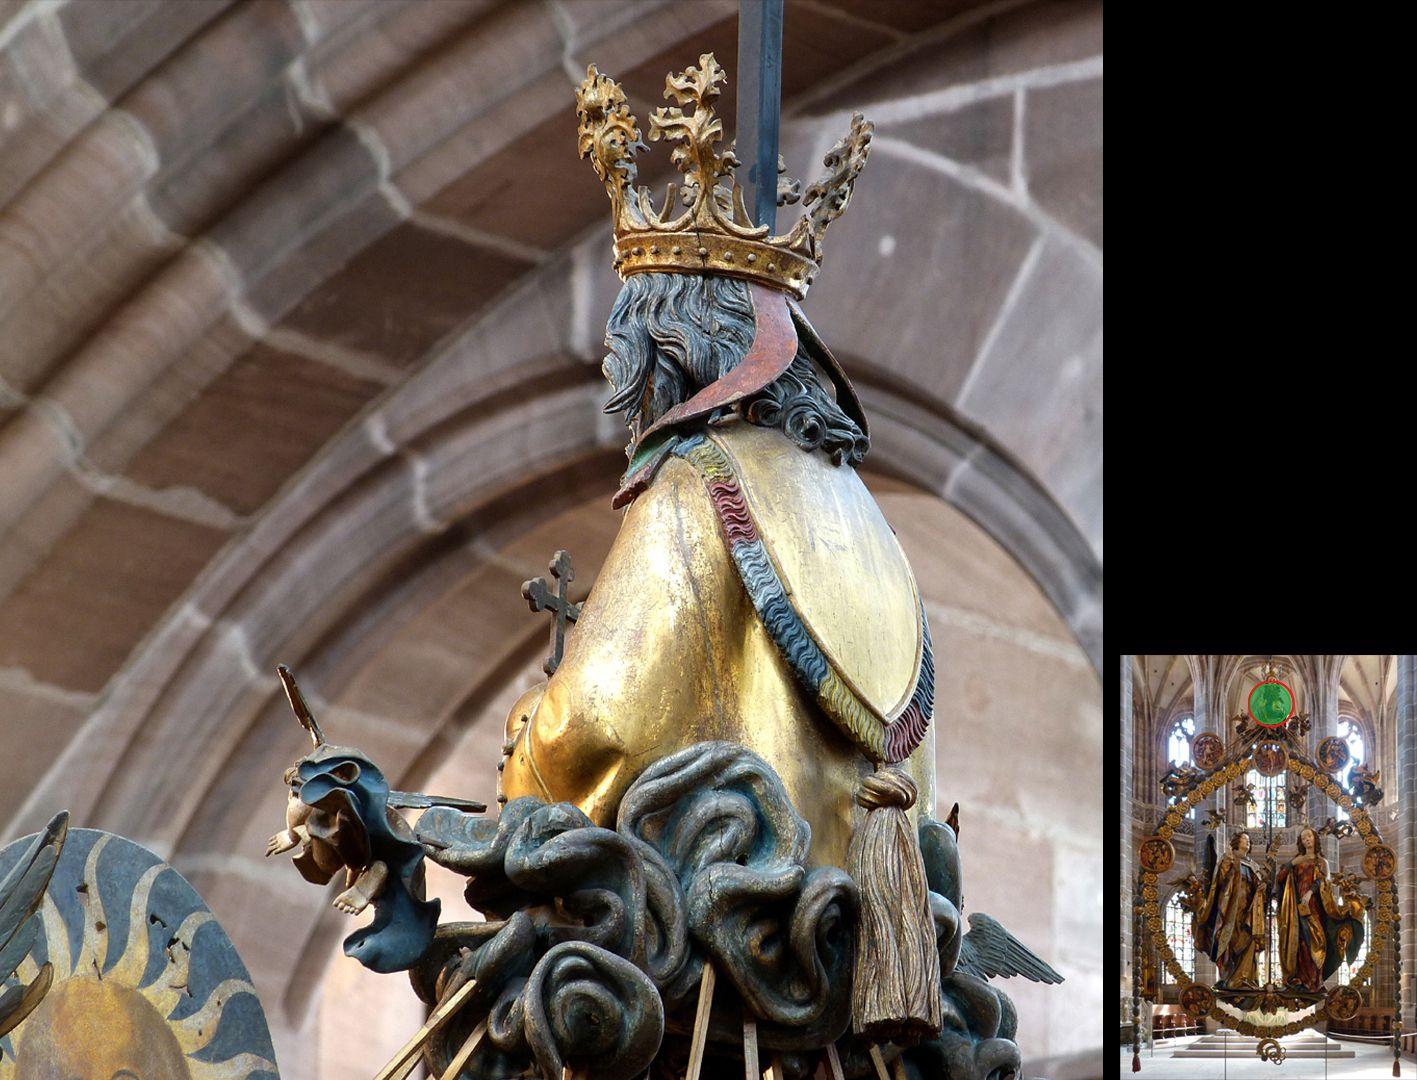 Englischer Gruß Gottvater, seitliche Ansicht von hinten (unten rechts Detaillokalisierung)